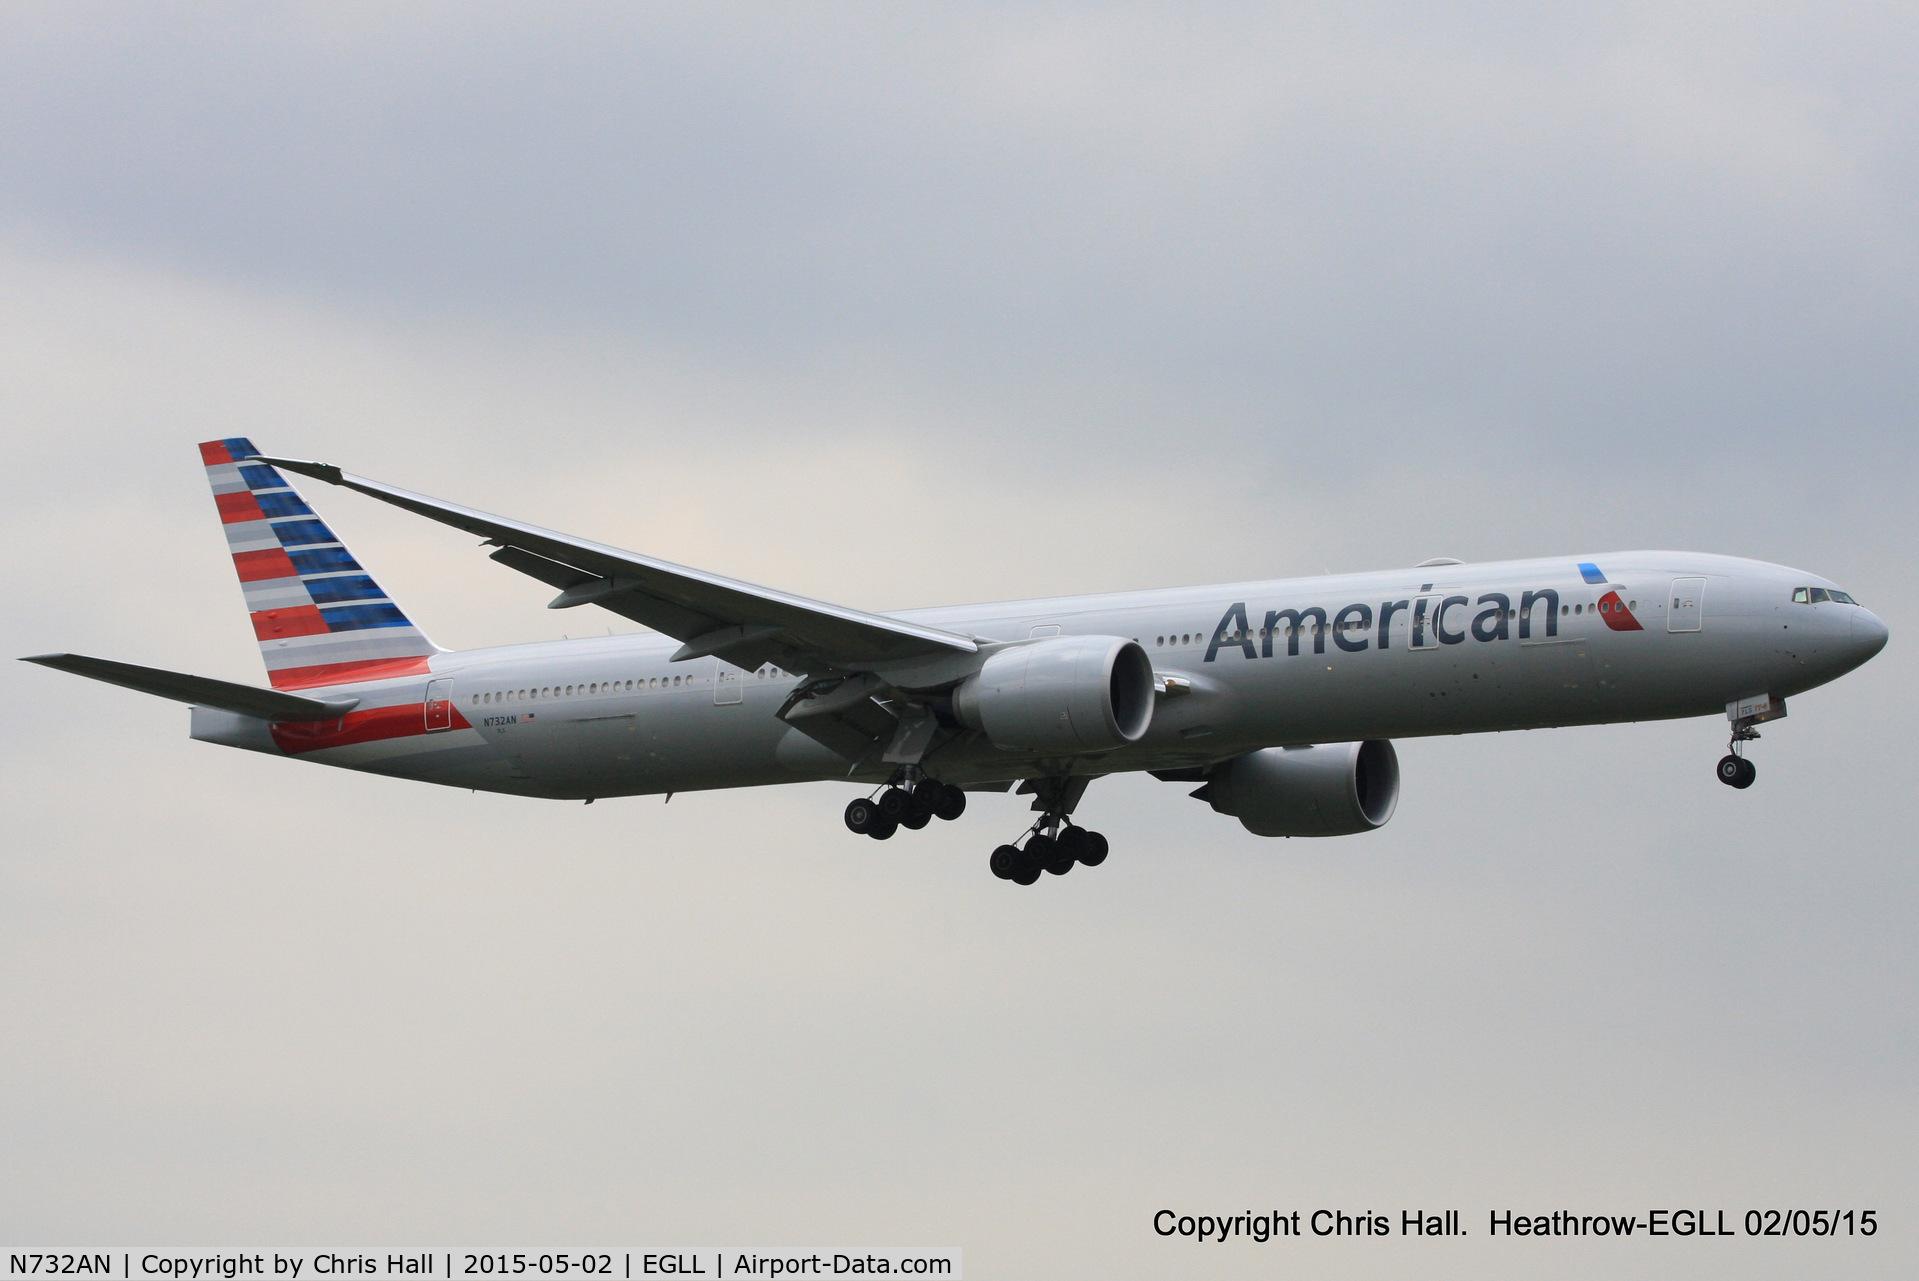 N732AN, 2014 Boeing 777-323/ER C/N 31549, American Airlines